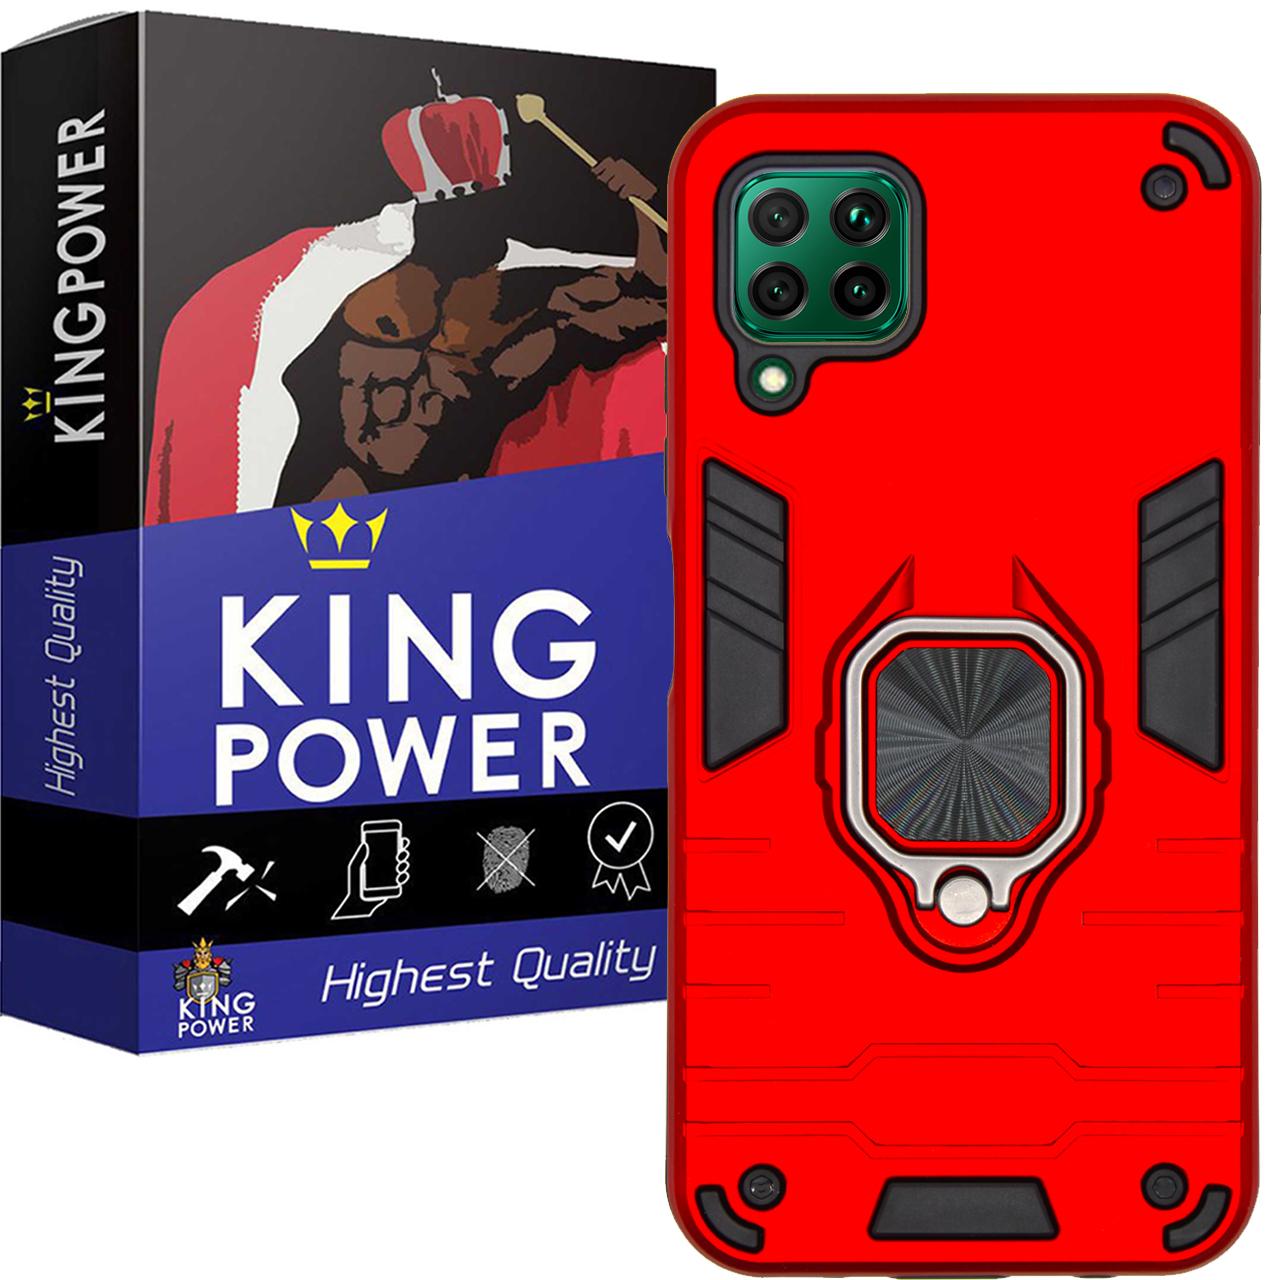 کاور کینگ پاور مدل ASH22 مناسب برای گوشی موبایل هوآوی NOVA 7i / P40 LITE